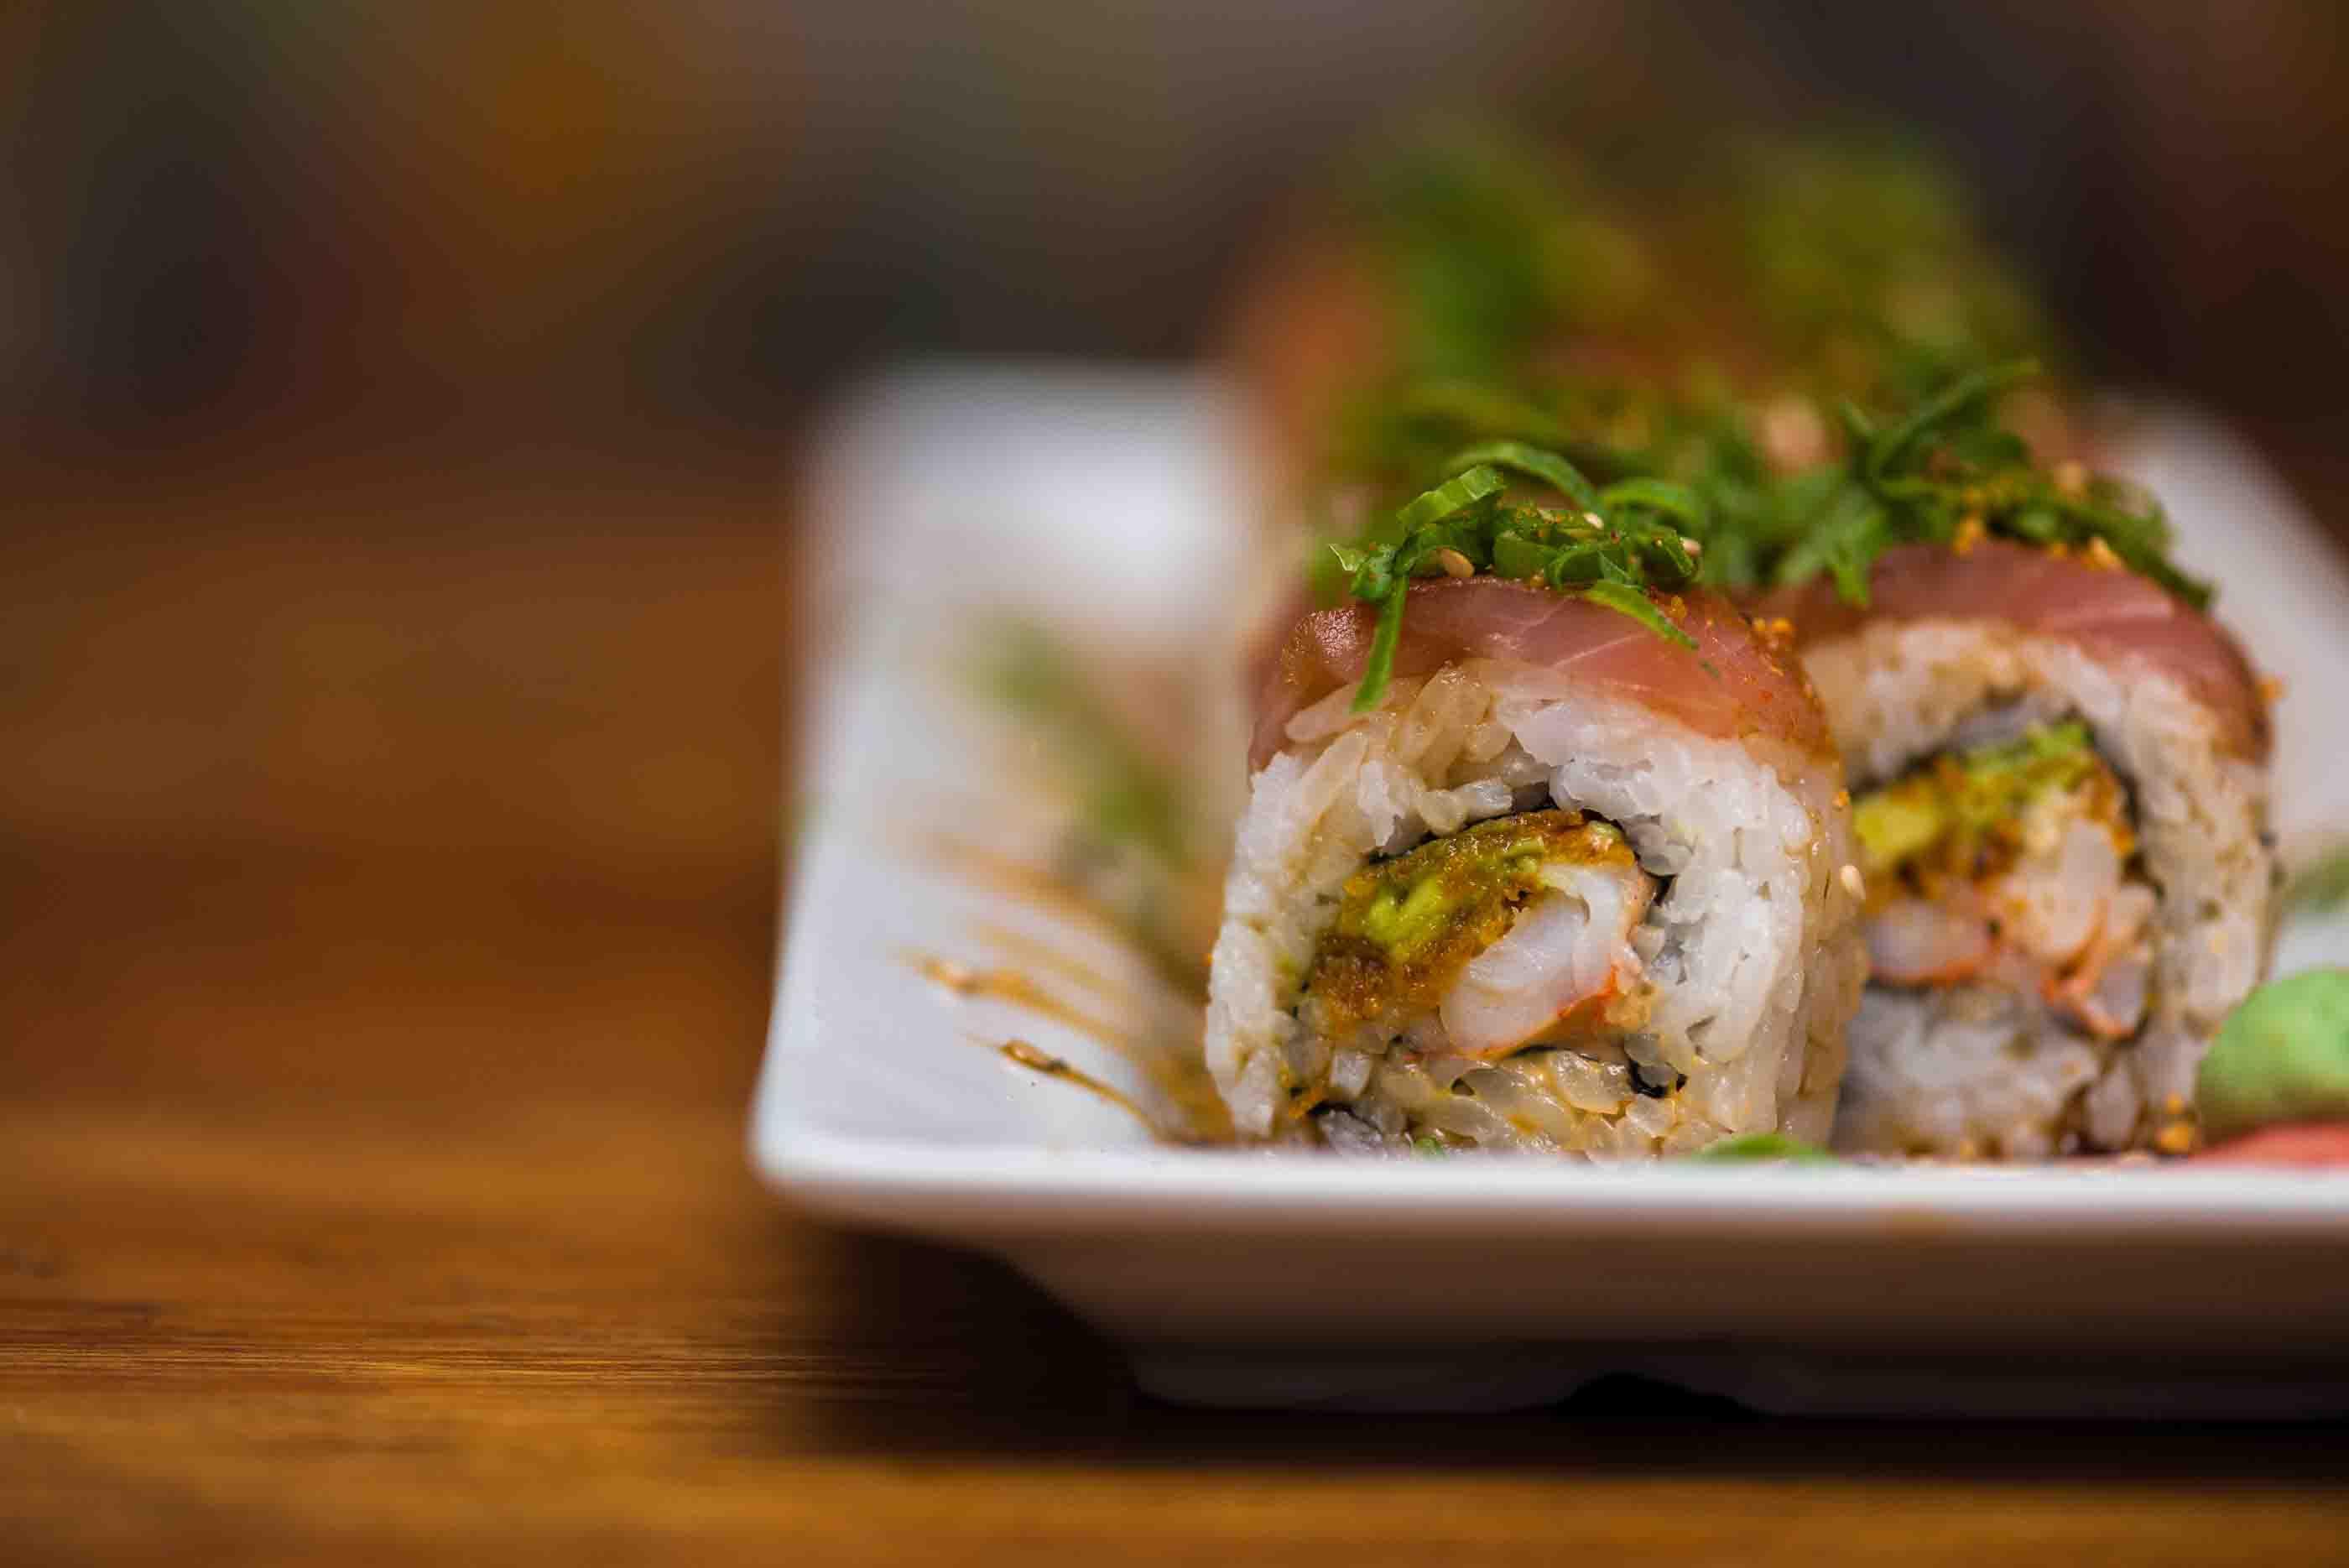 Sushi challenge for a cause foodie tourfoodie tour por fuera llevaba salmn y encima tartare de atn y camote frito con salsa de anguila as que si quieren probar esta delicia y adems colaborando con forumfinder Gallery